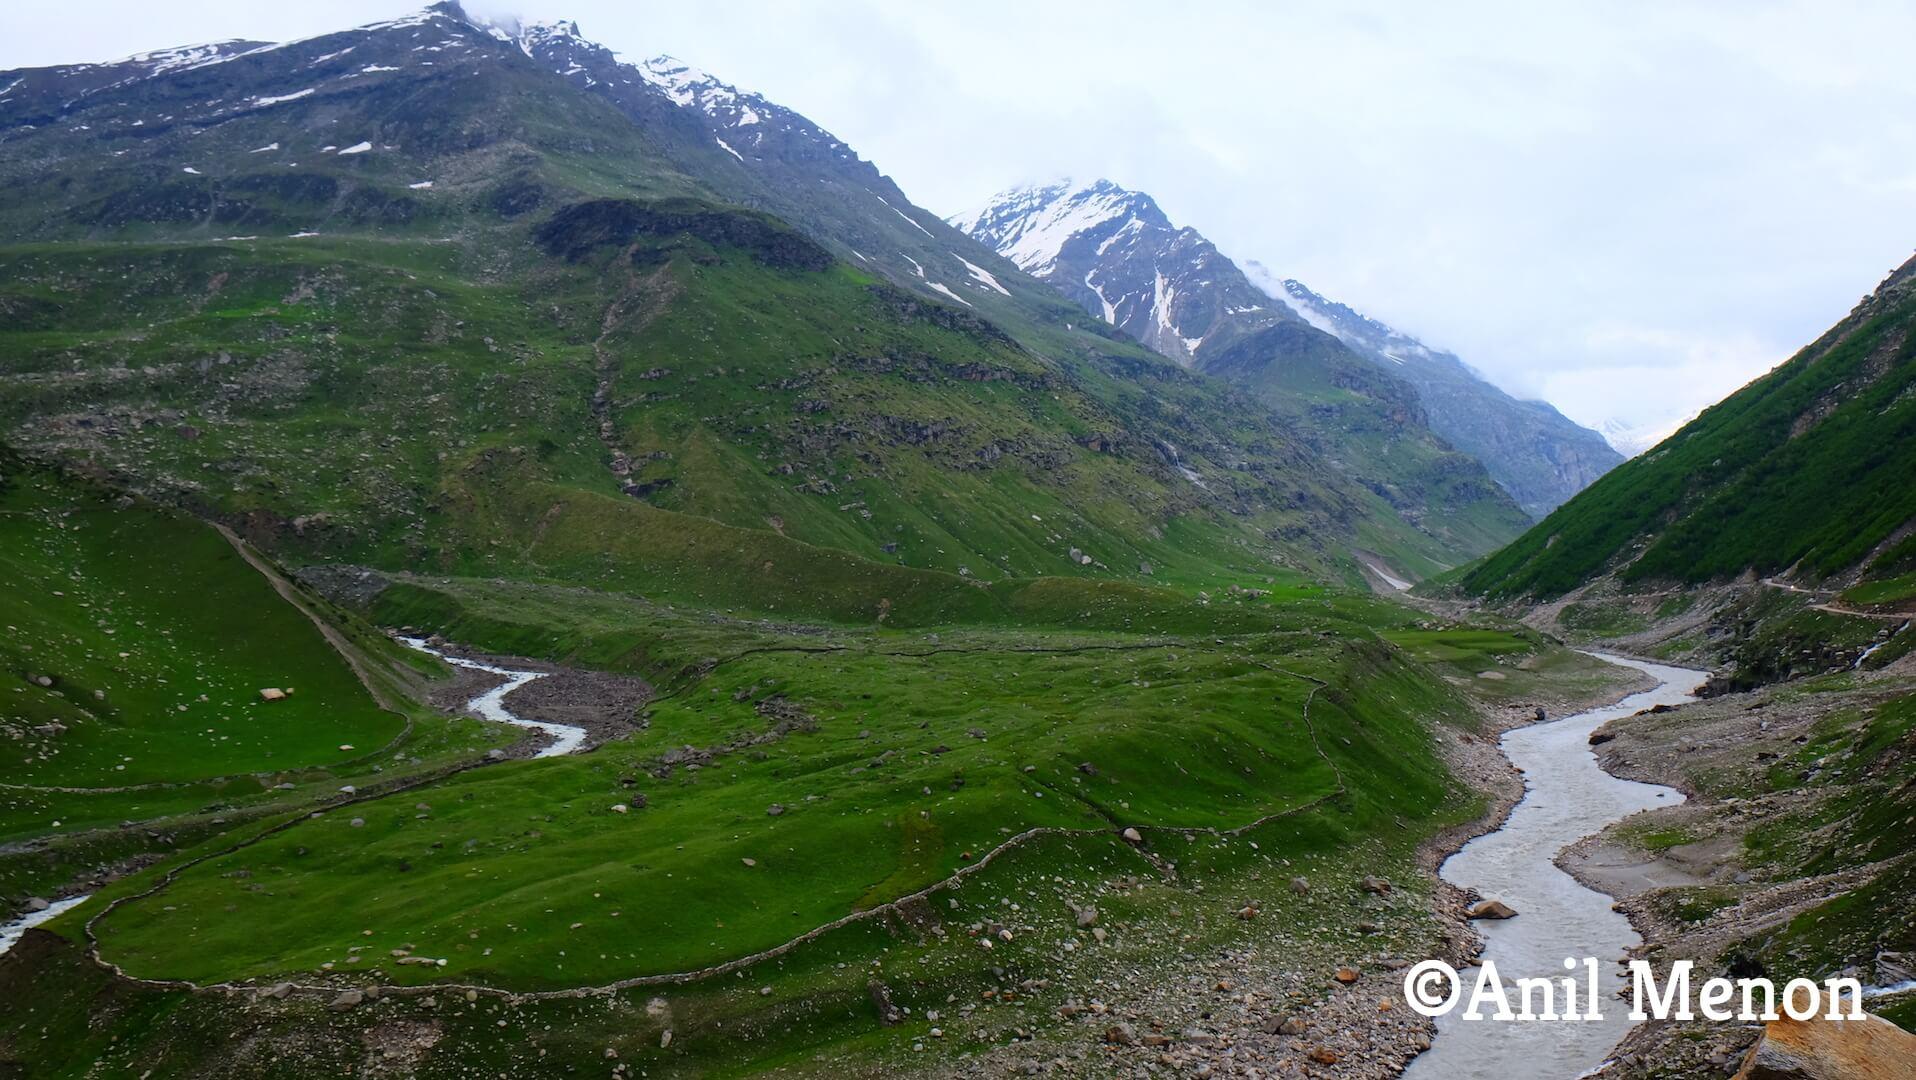 A Mountainous range in India